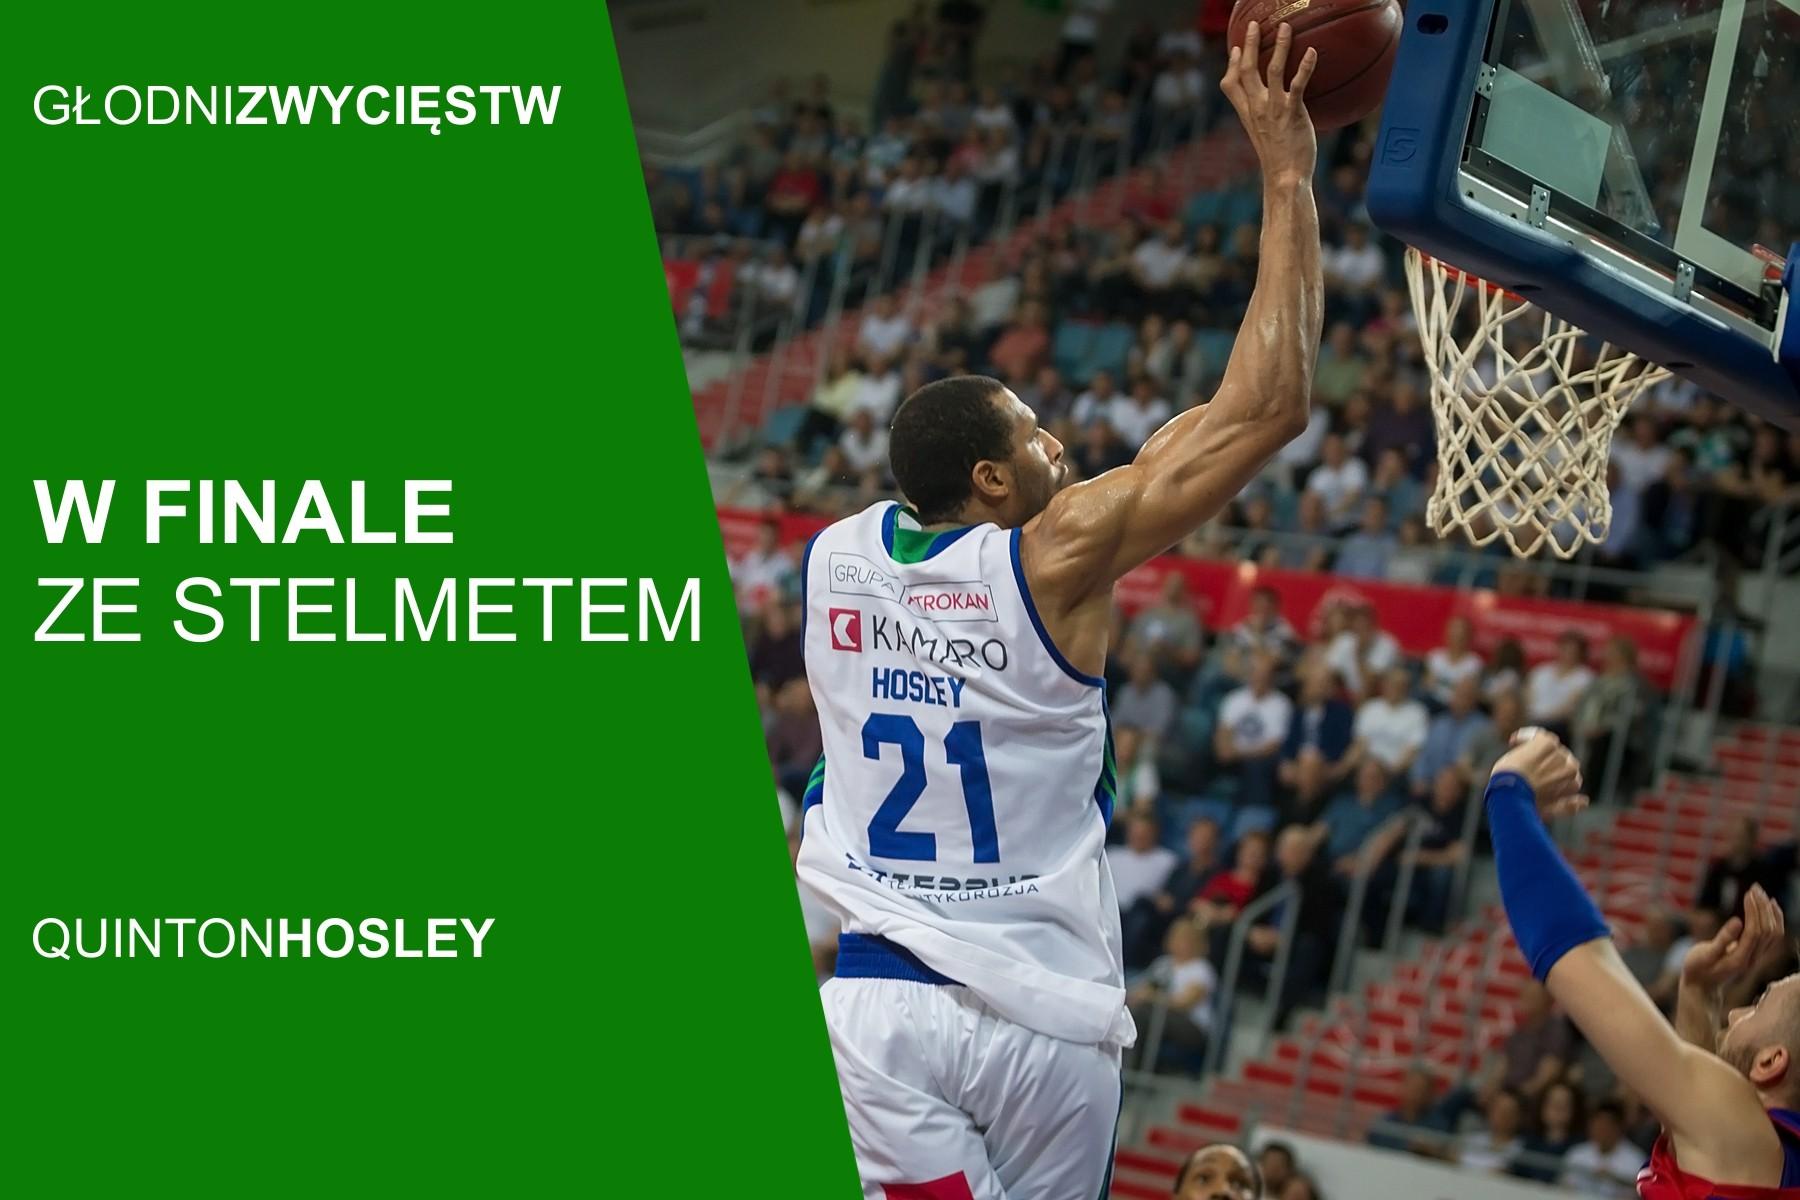 Quinton Hosley: W finale ze Stelmetem